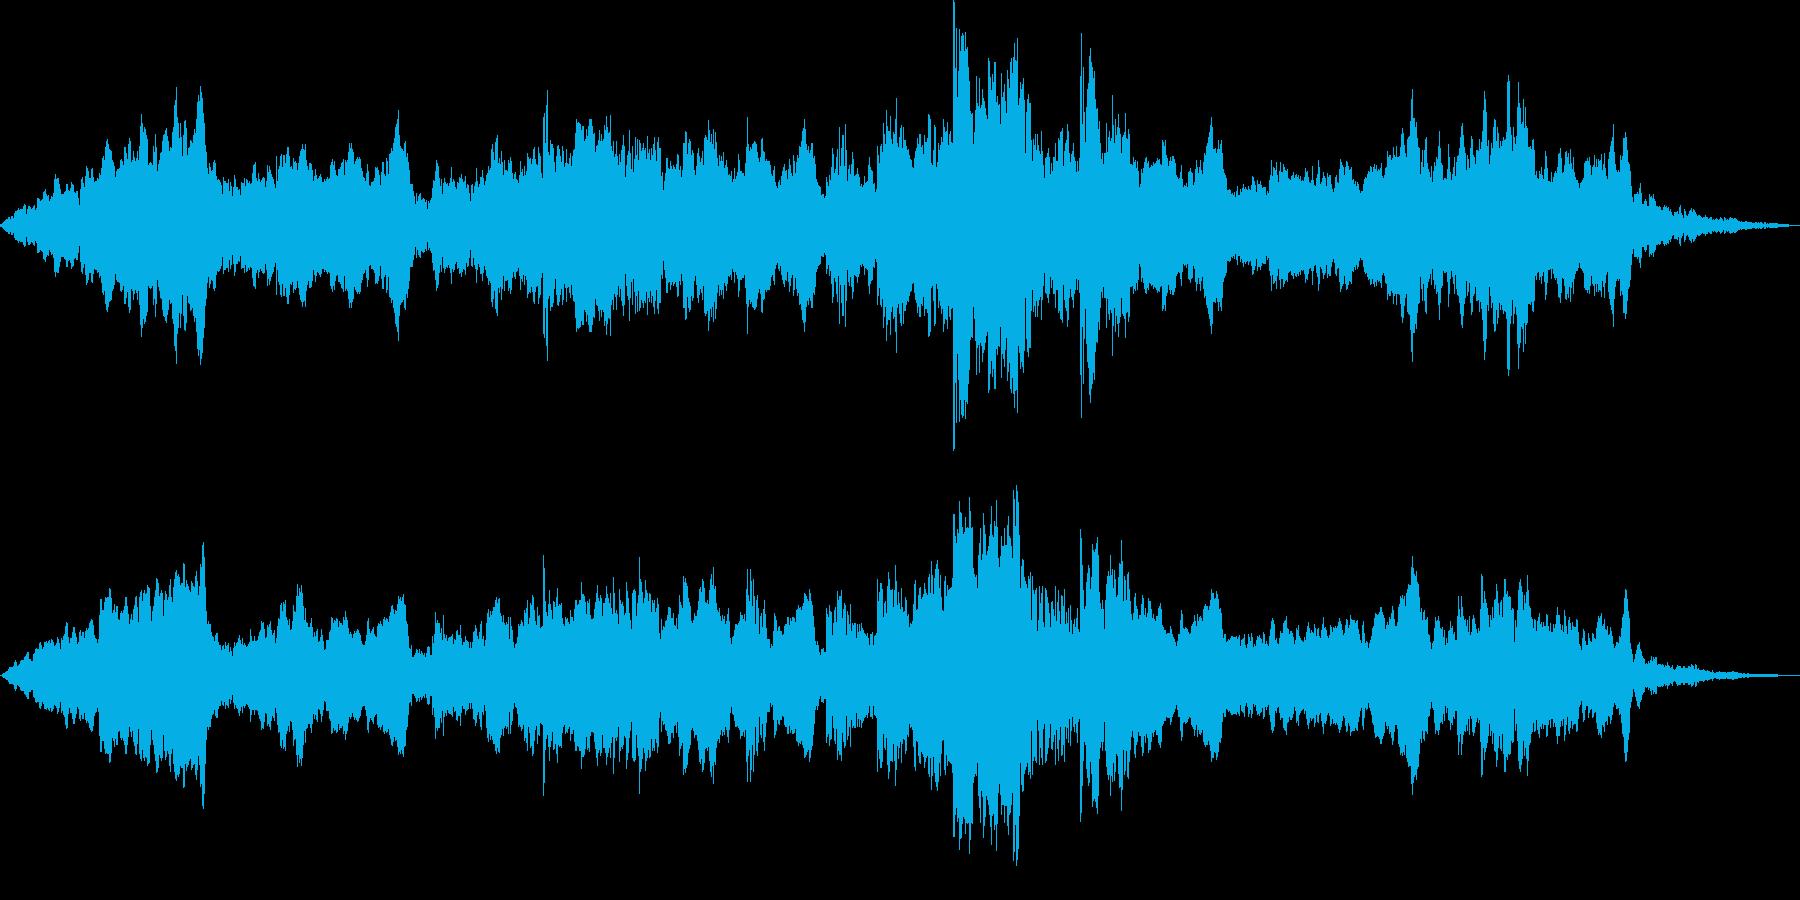 静かな風景 ヒーリングBGMの再生済みの波形